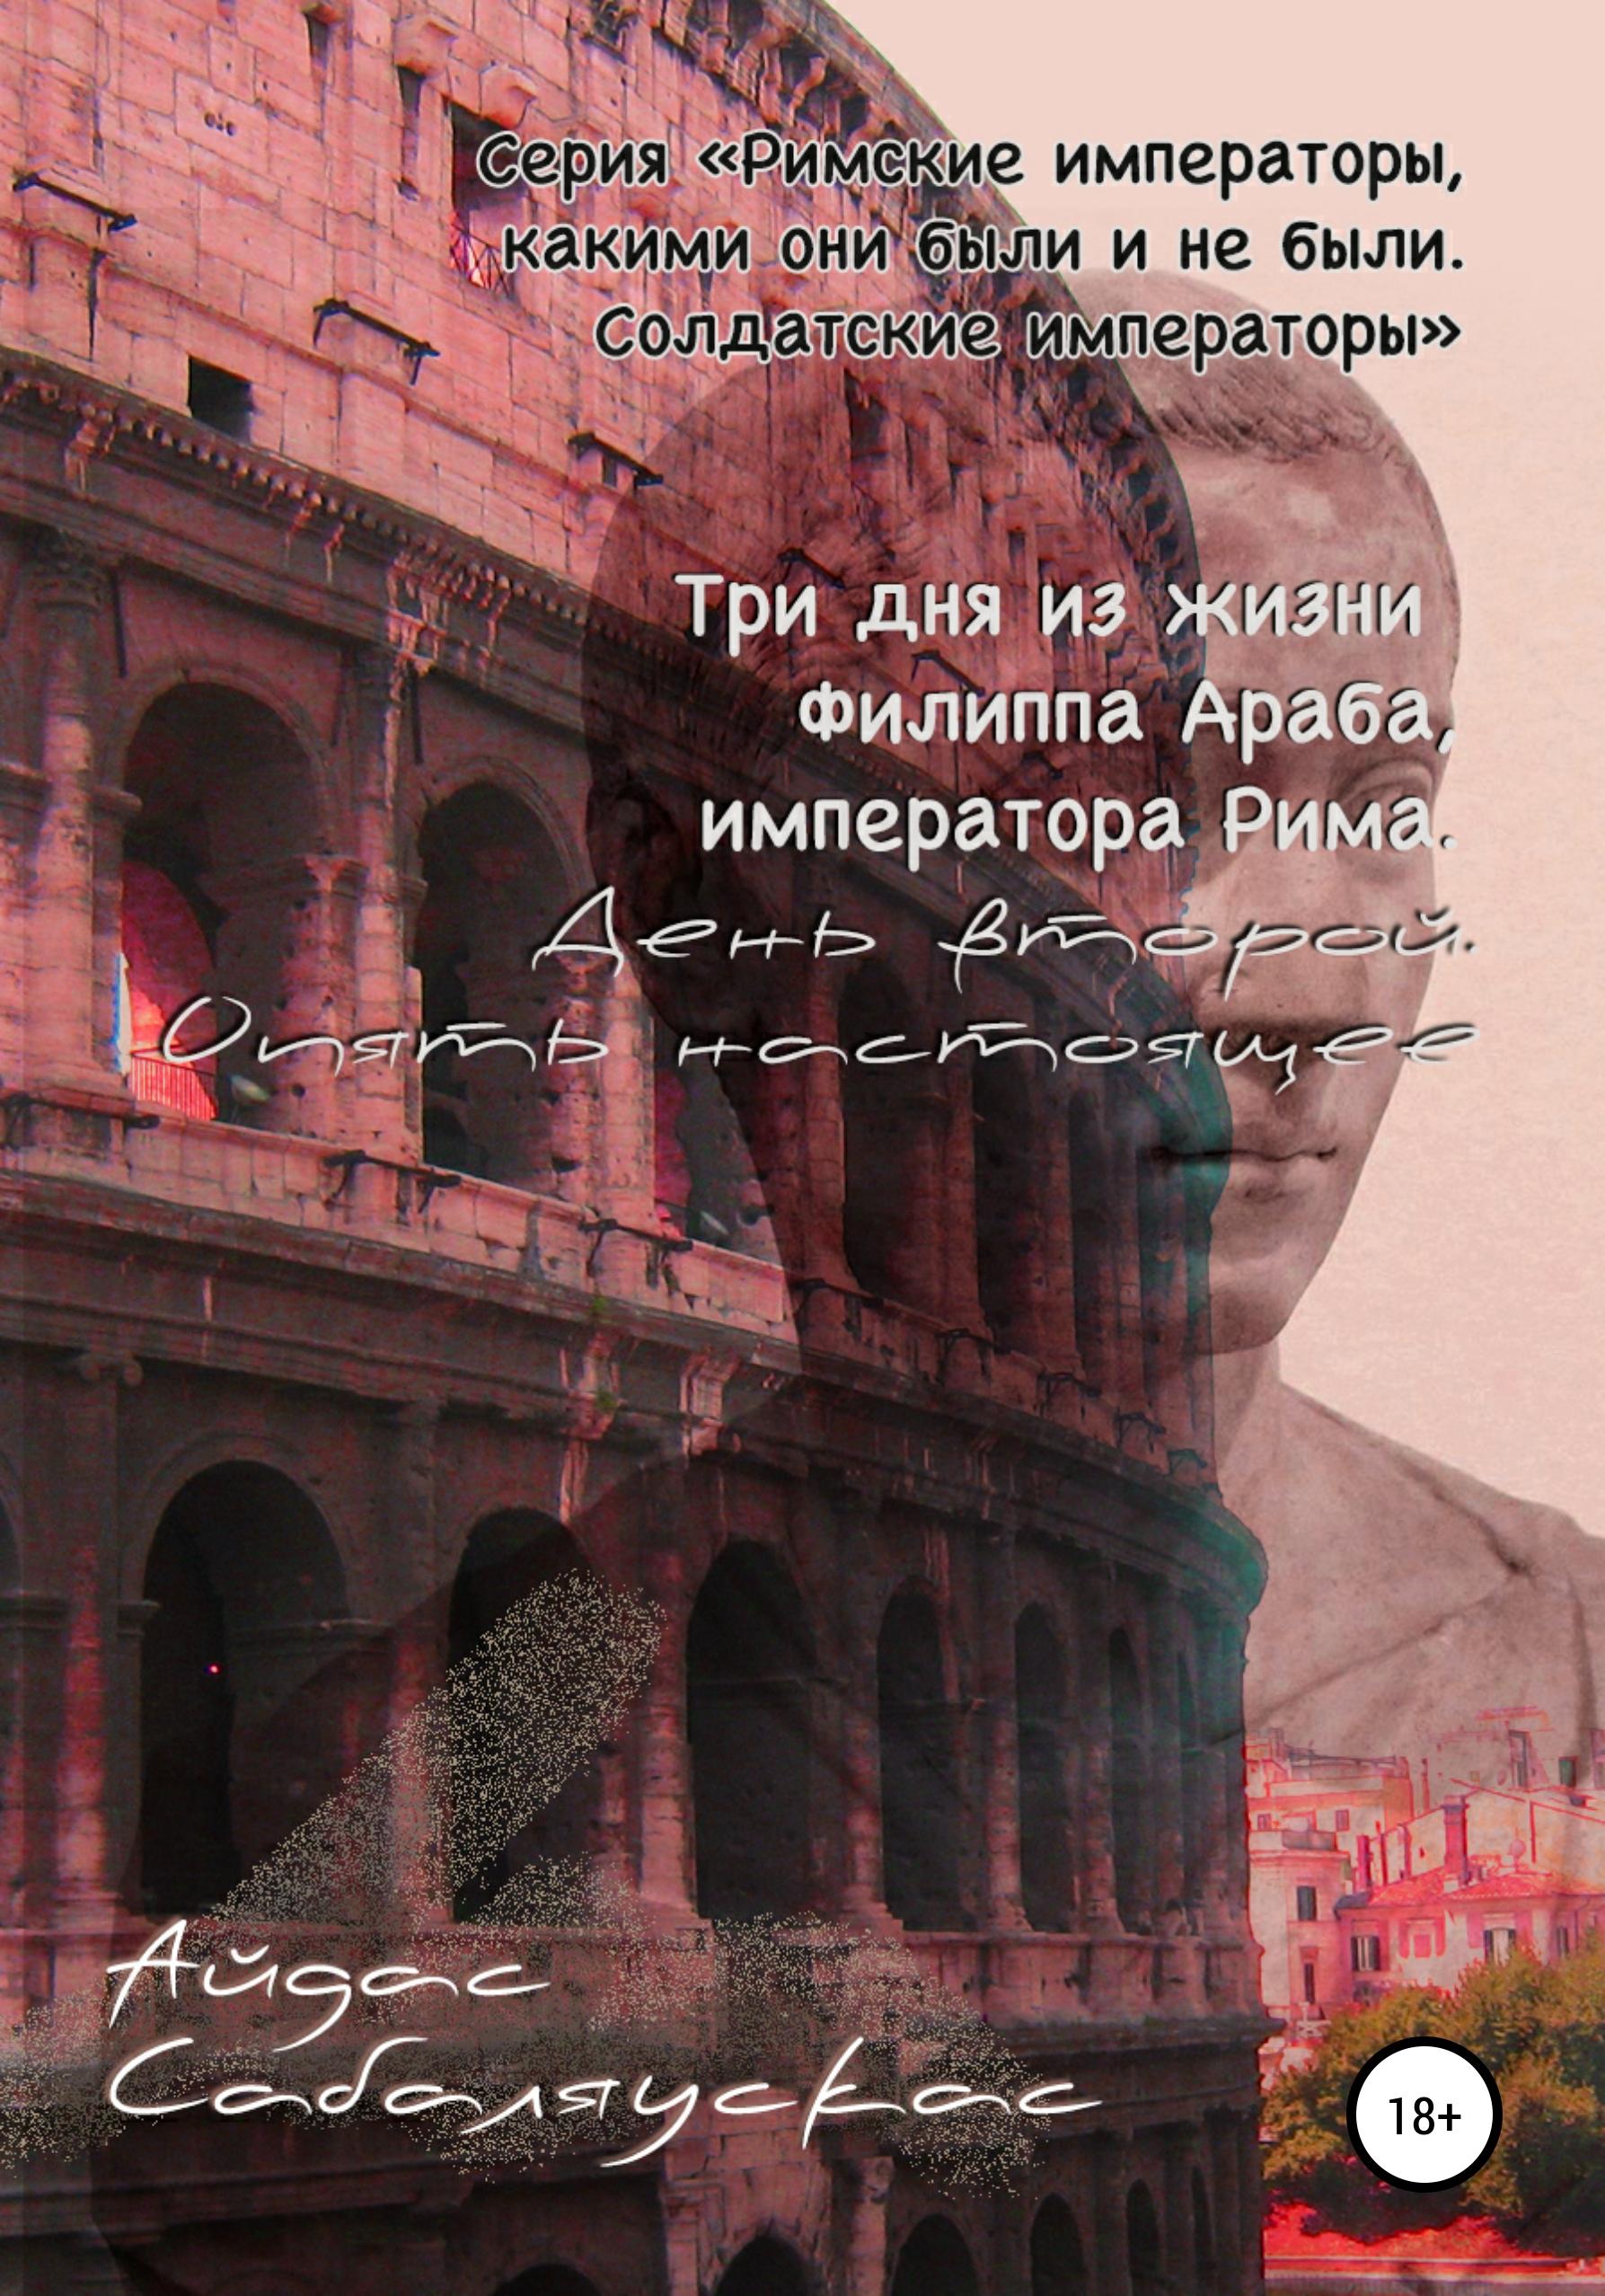 Три дня из жизни Филиппа Араба, императора Рима. День второй. Опять настоящее